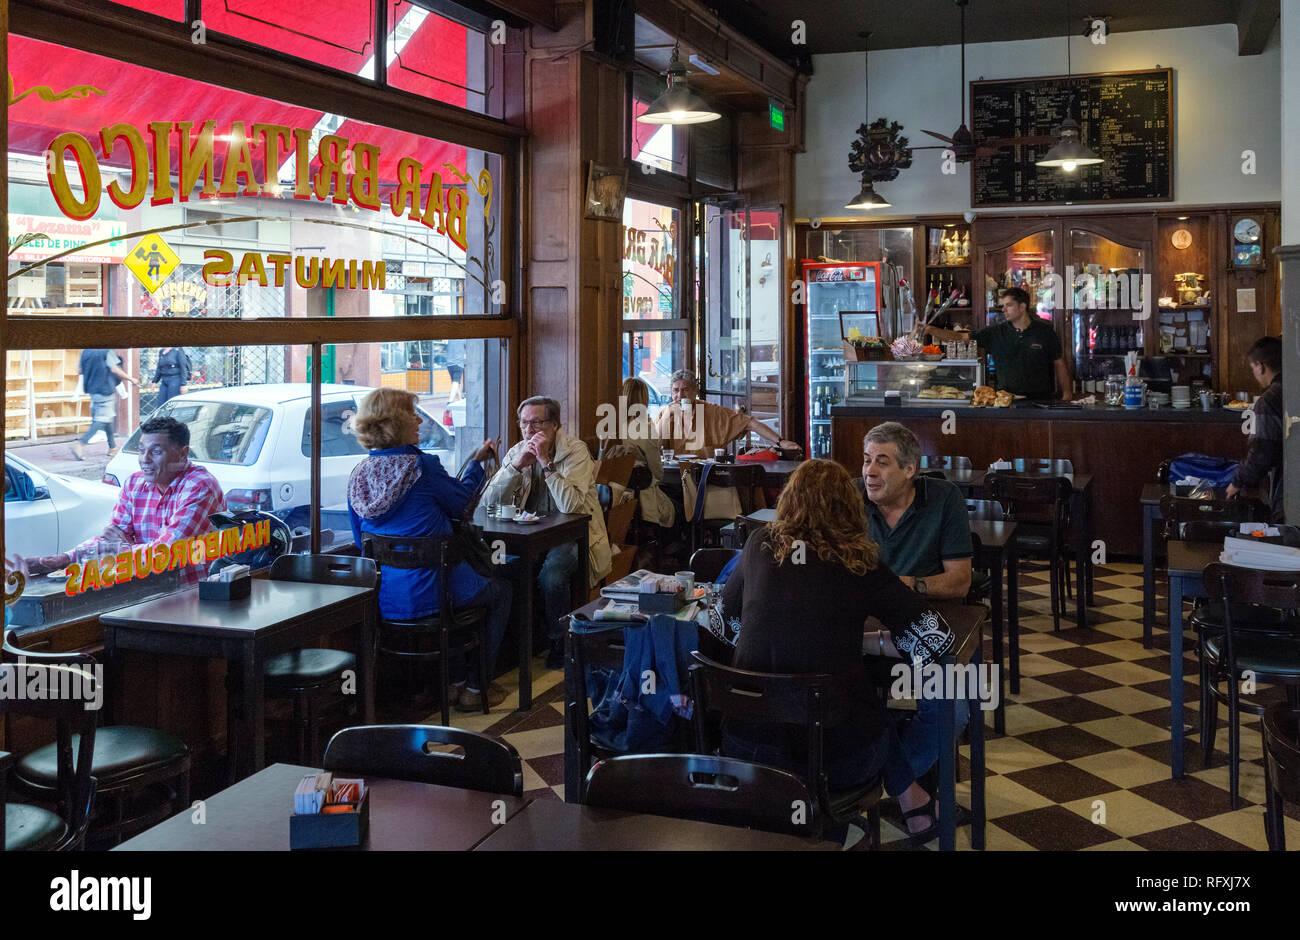 Bar Britanico. San Telmo, Buenos Aires, Argentina. - Stock Image